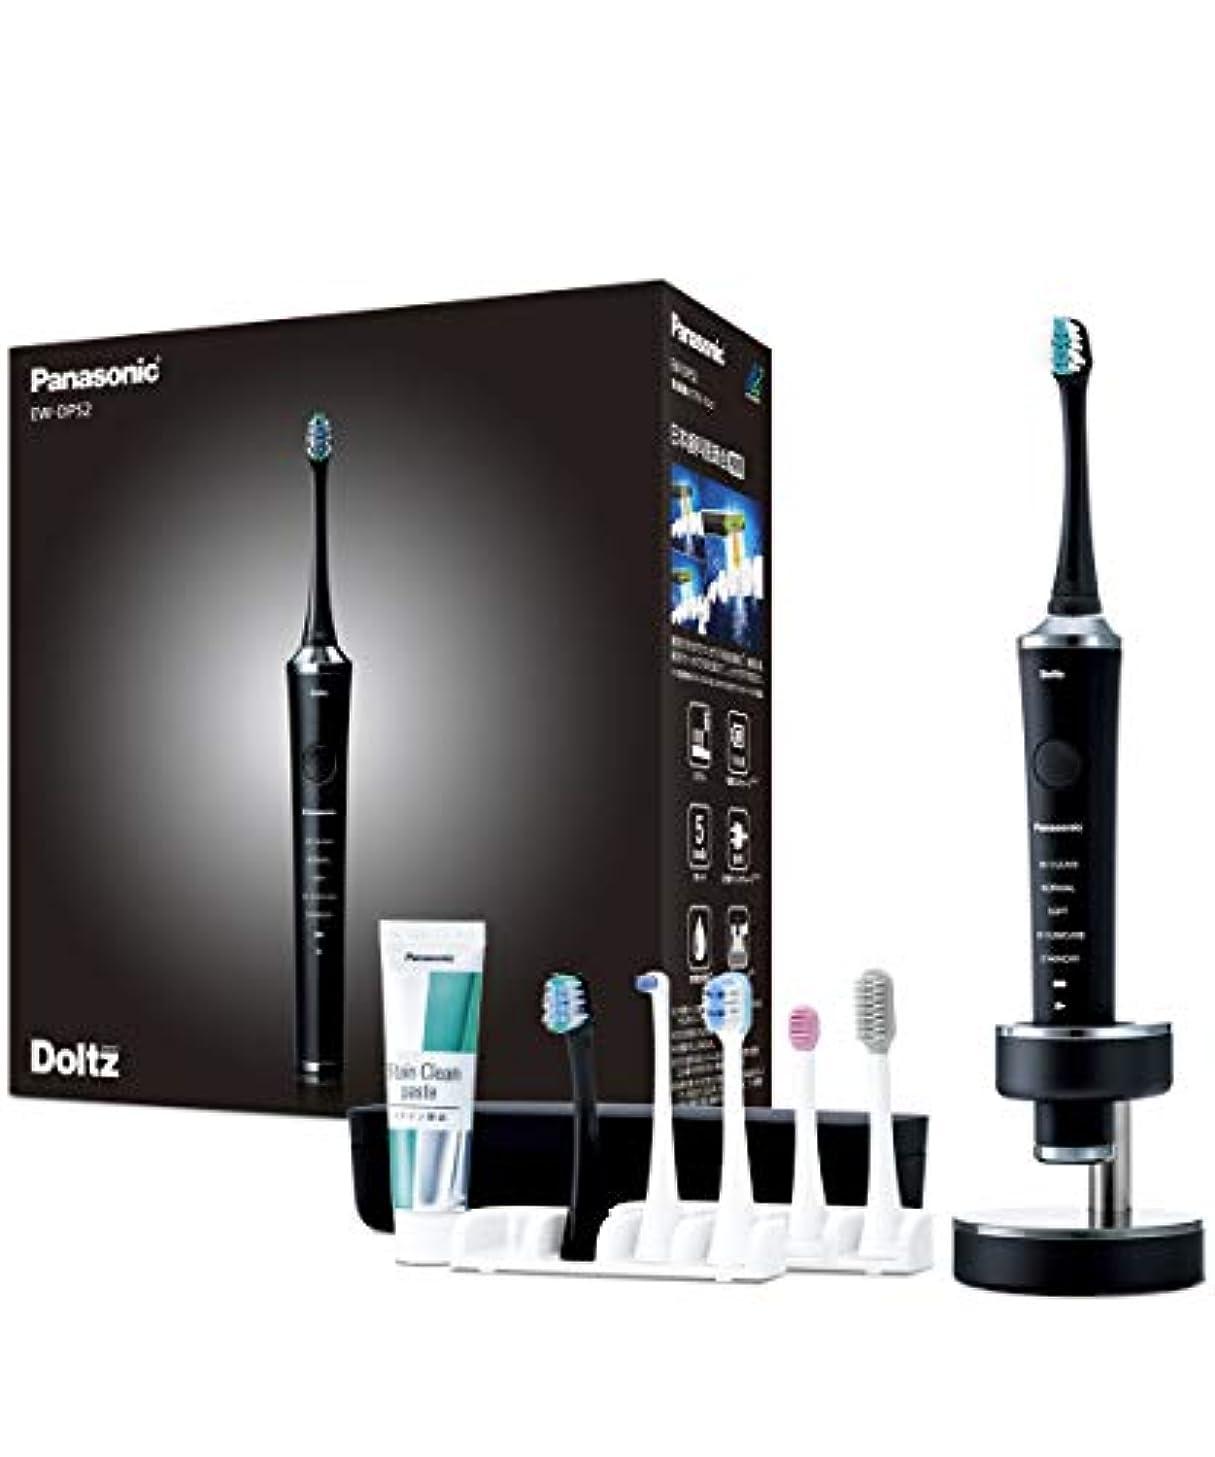 アクセントブラストピカリングパナソニック 電動歯ブラシ ドルツ 黒 EW-DP52-K